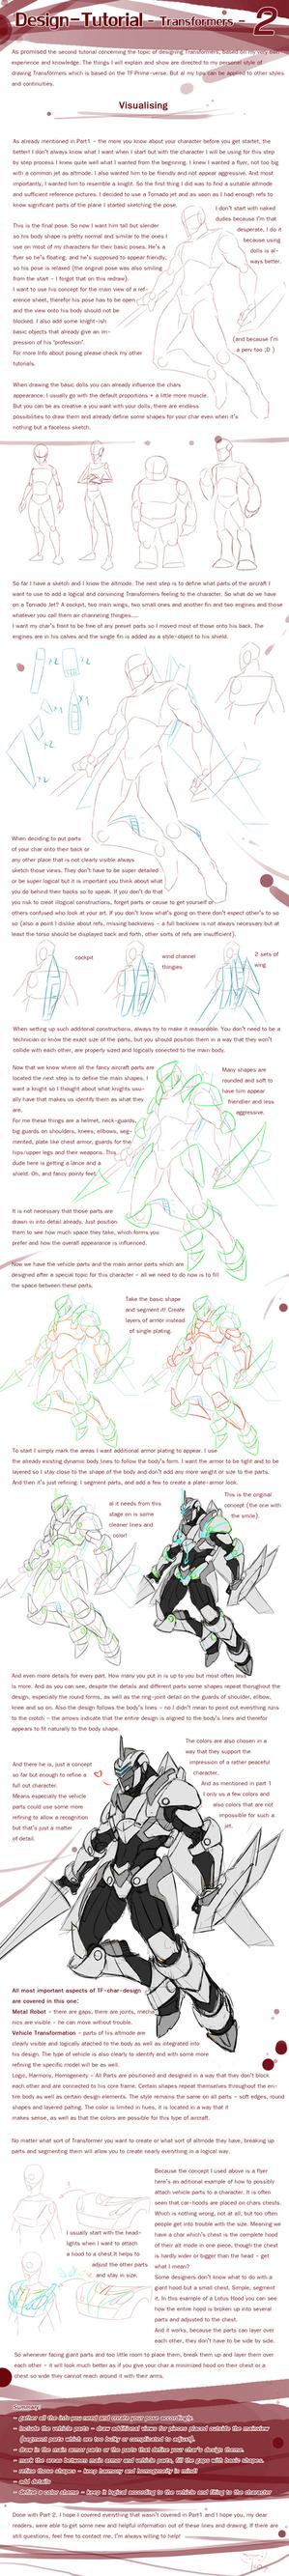 Design-Tutorial-Transformers PART2 by crimson-nemesis